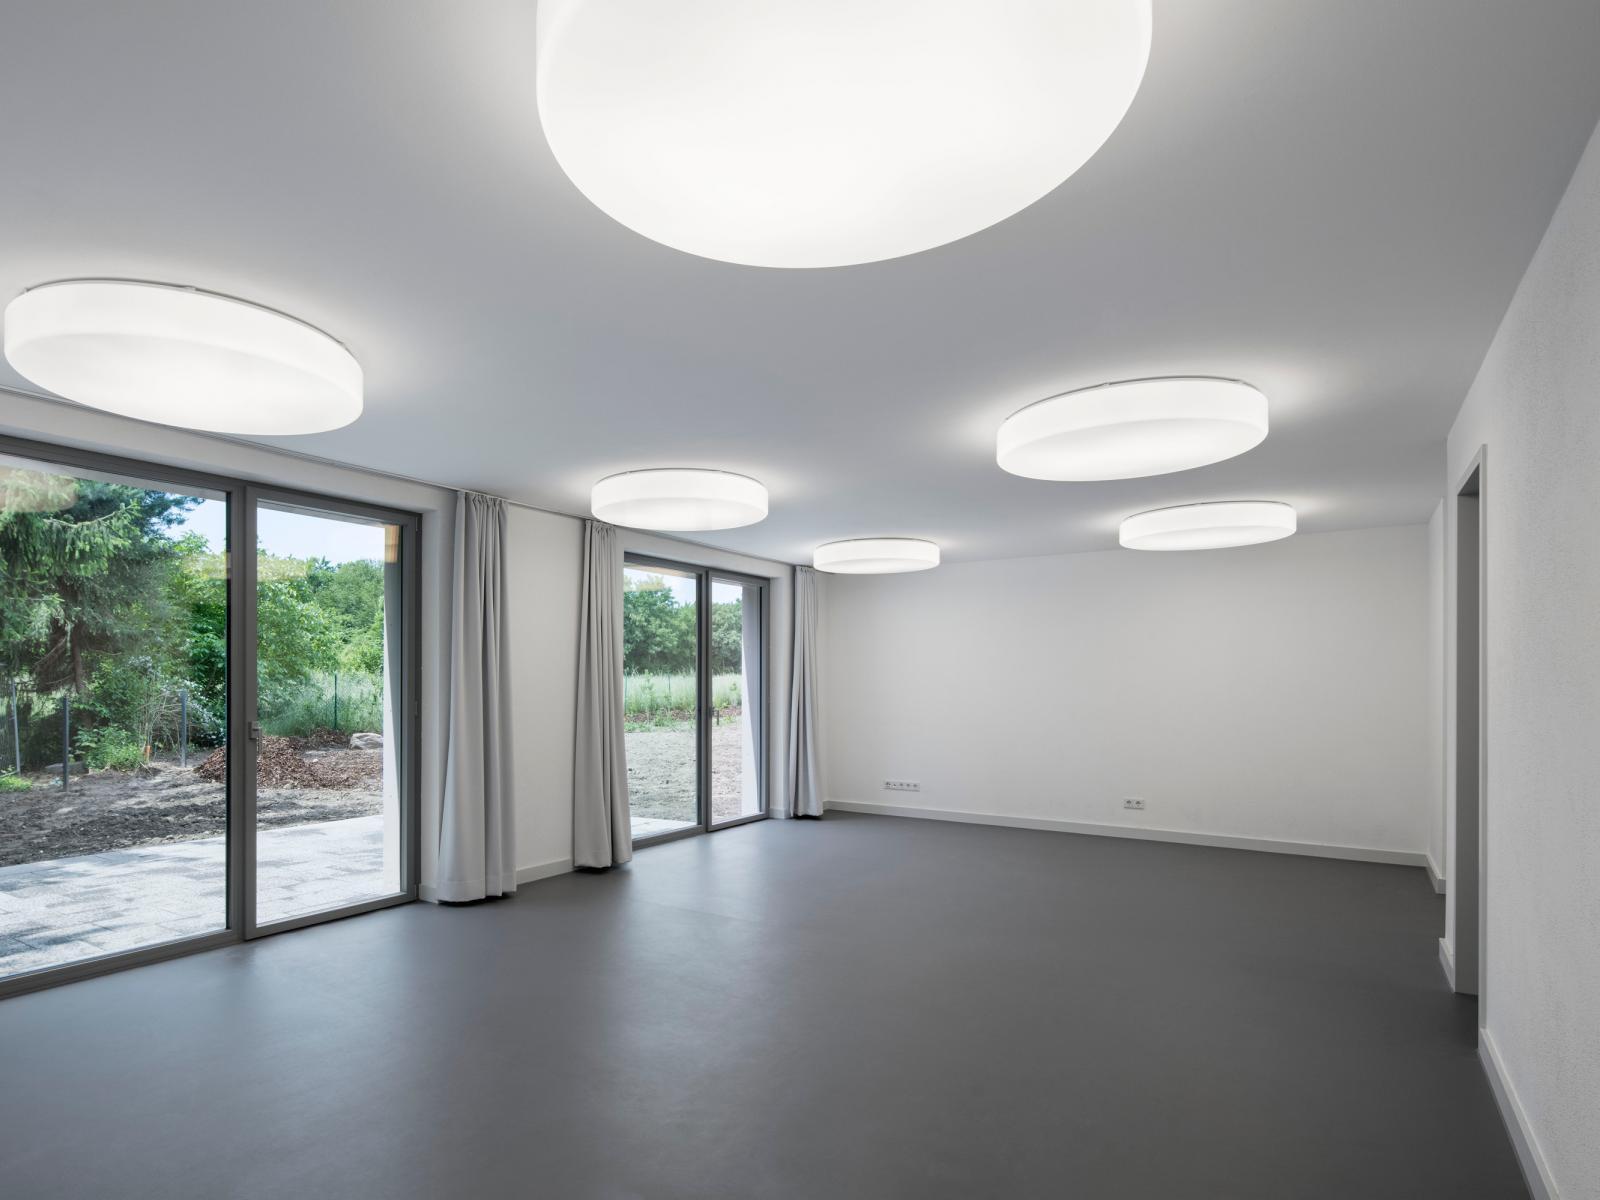 Übergangswohnheime Köln Innenraum